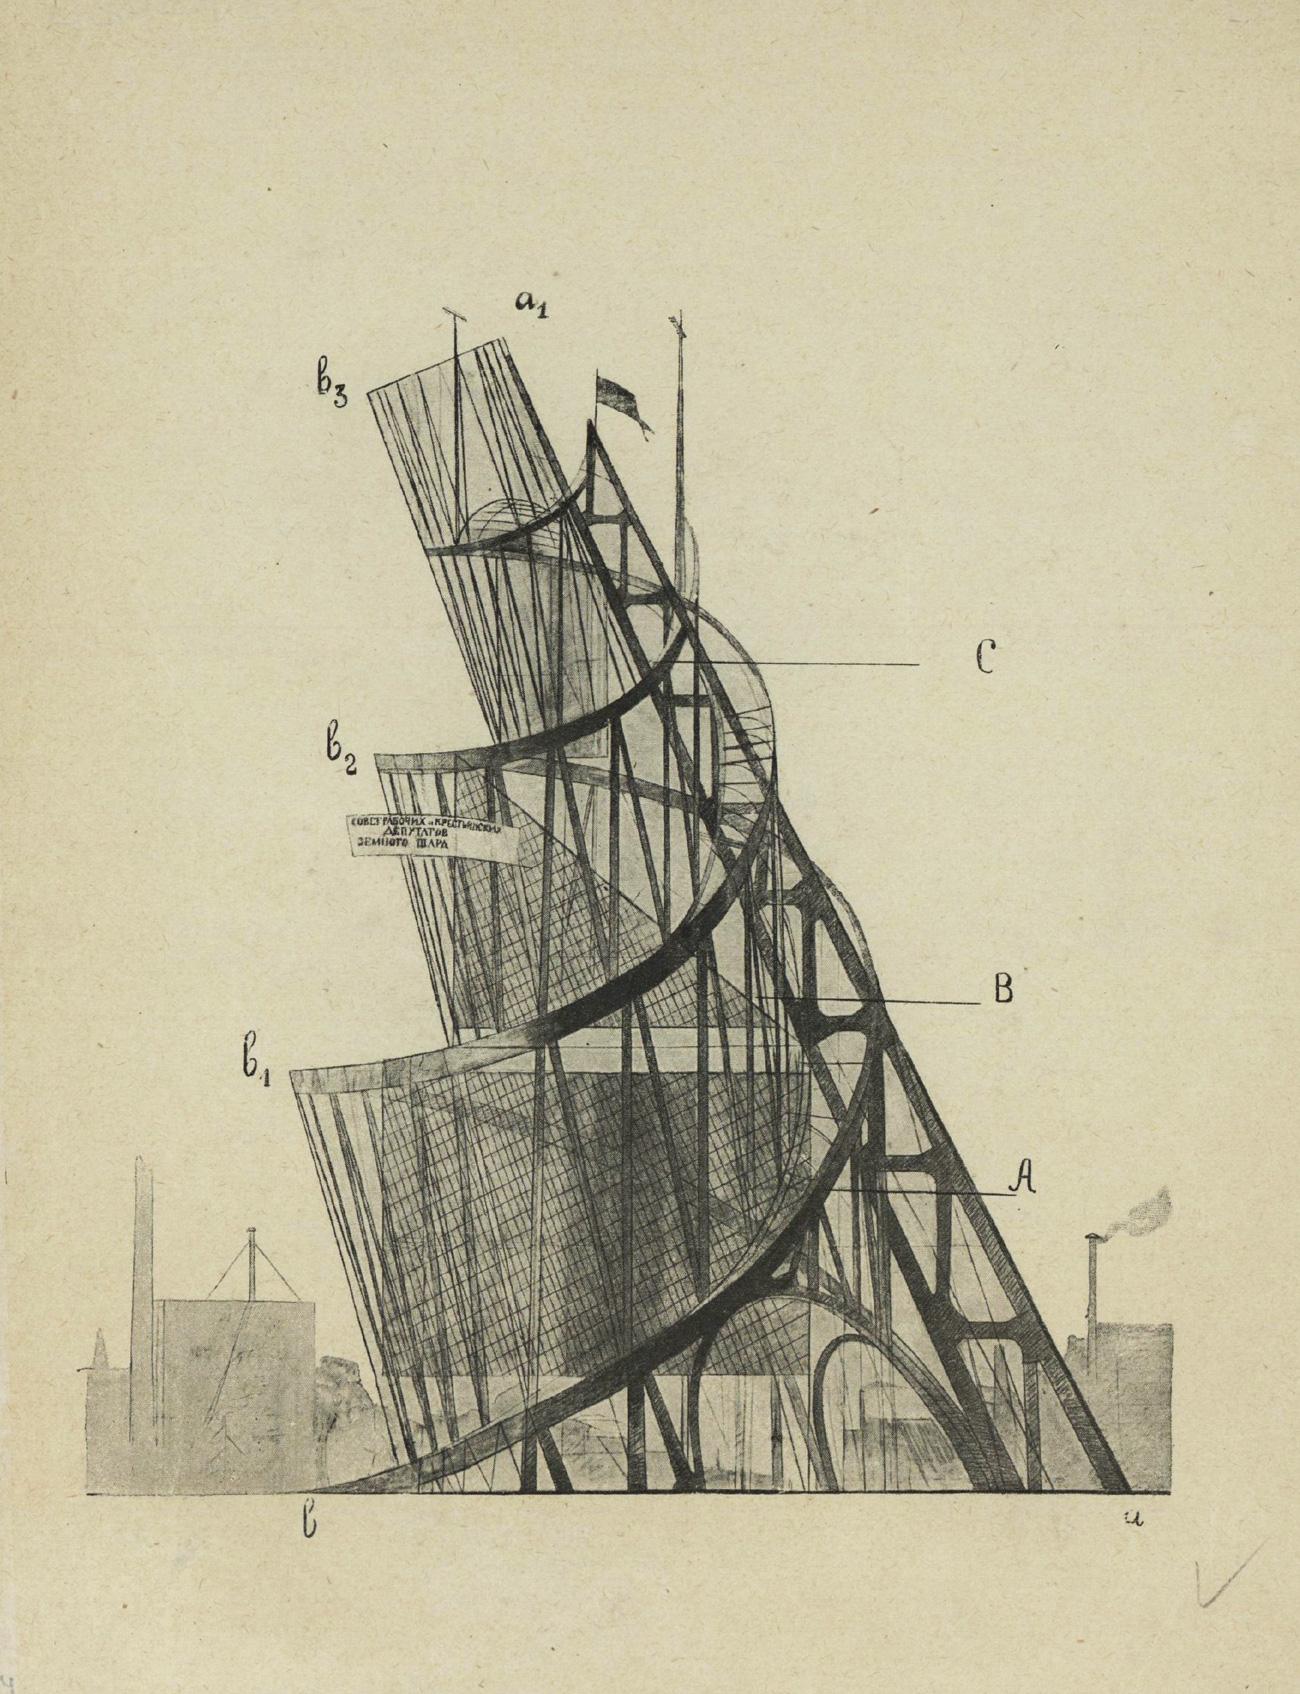 Monumento a la 3ª Internacional. Fuente: Foto de archivo